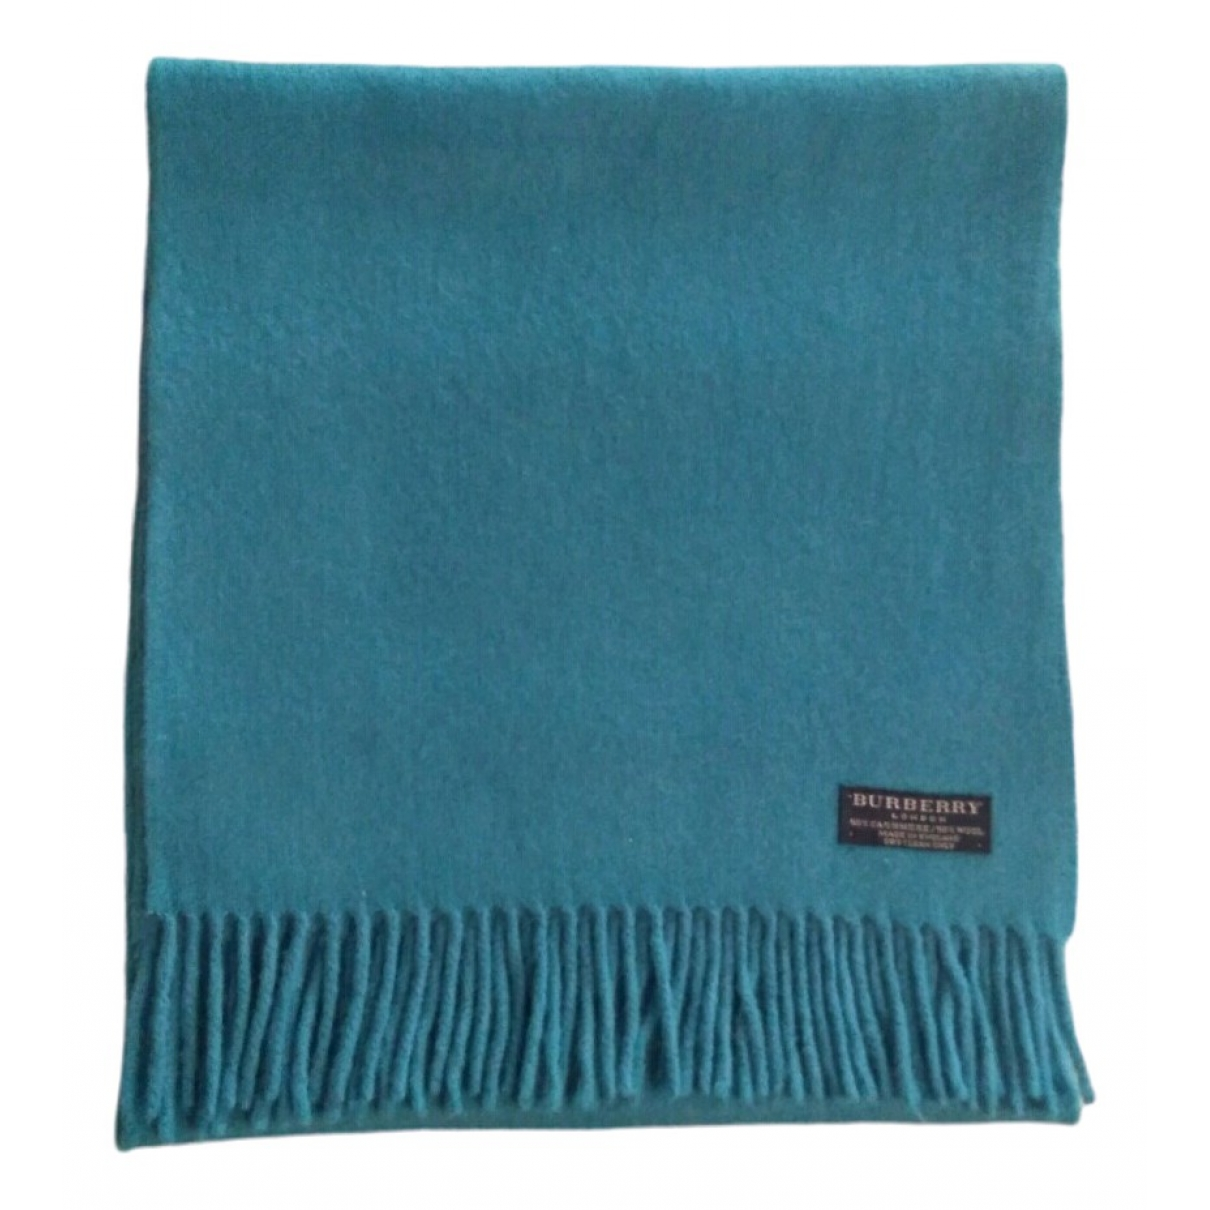 Burberry - Foulard   pour femme en laine - turquoise